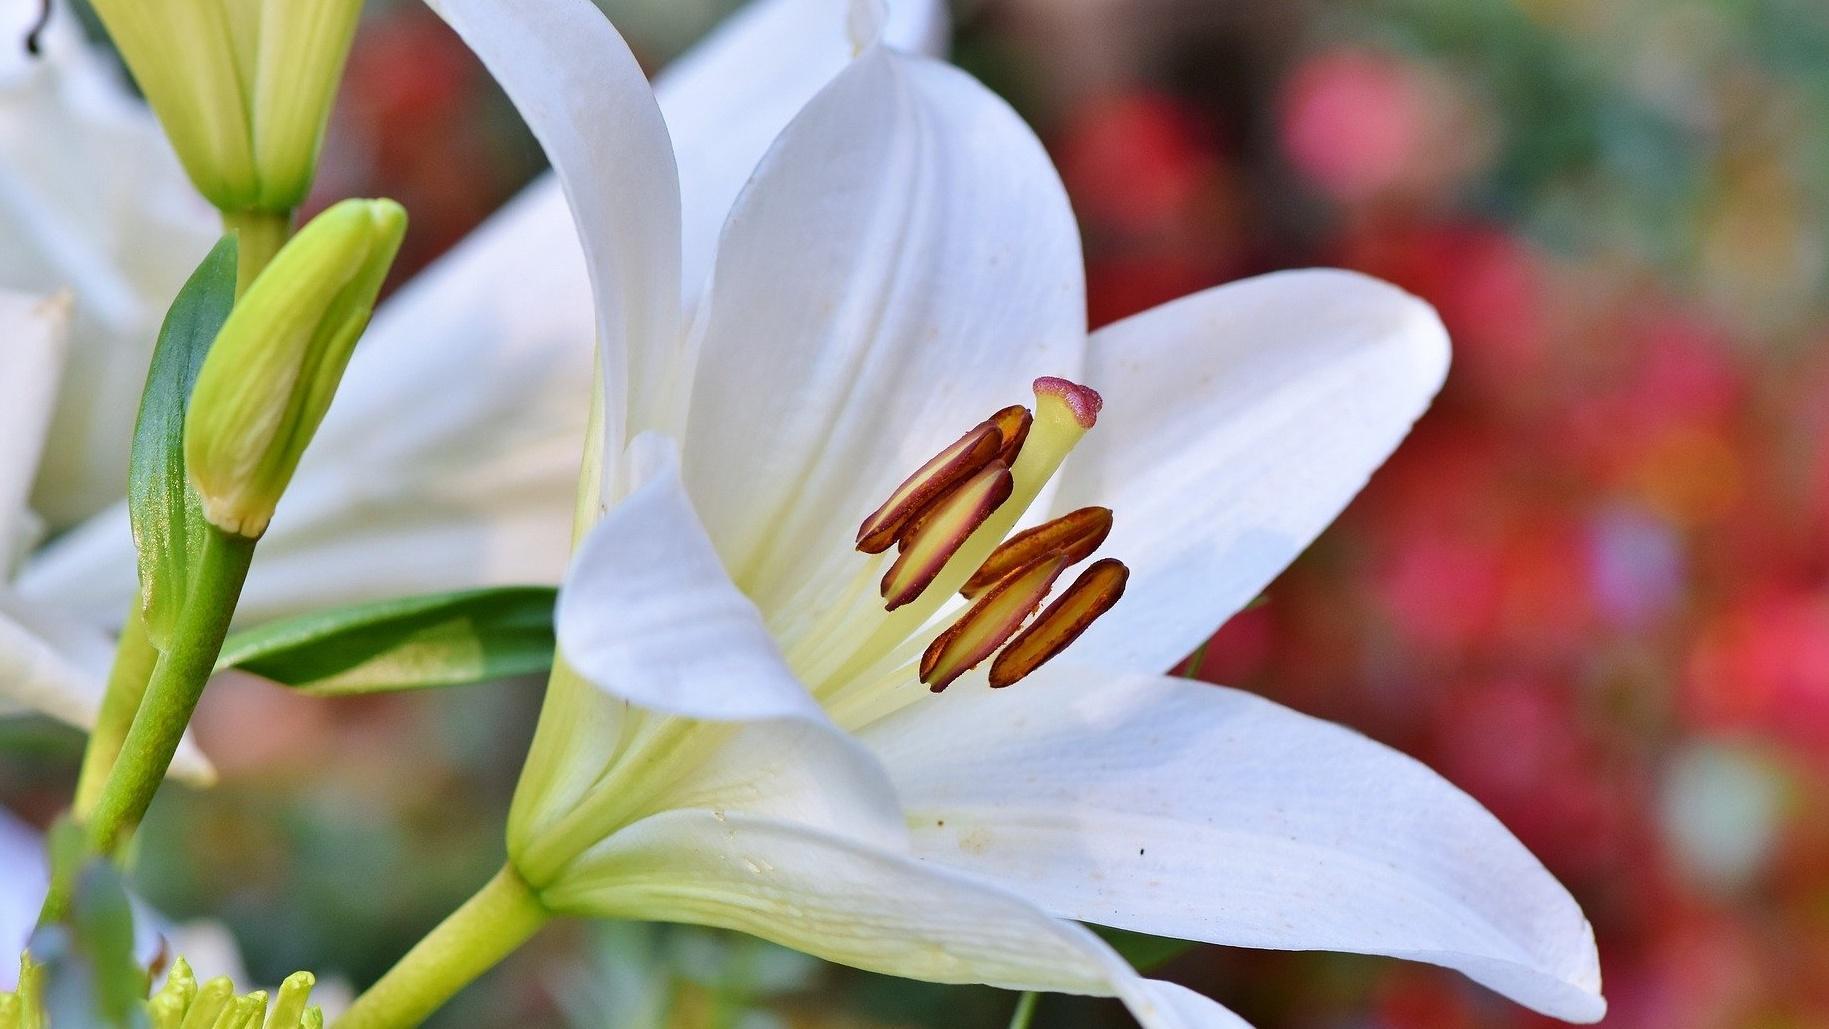 Lilien einpflanzen: Das sollten Sie beachten